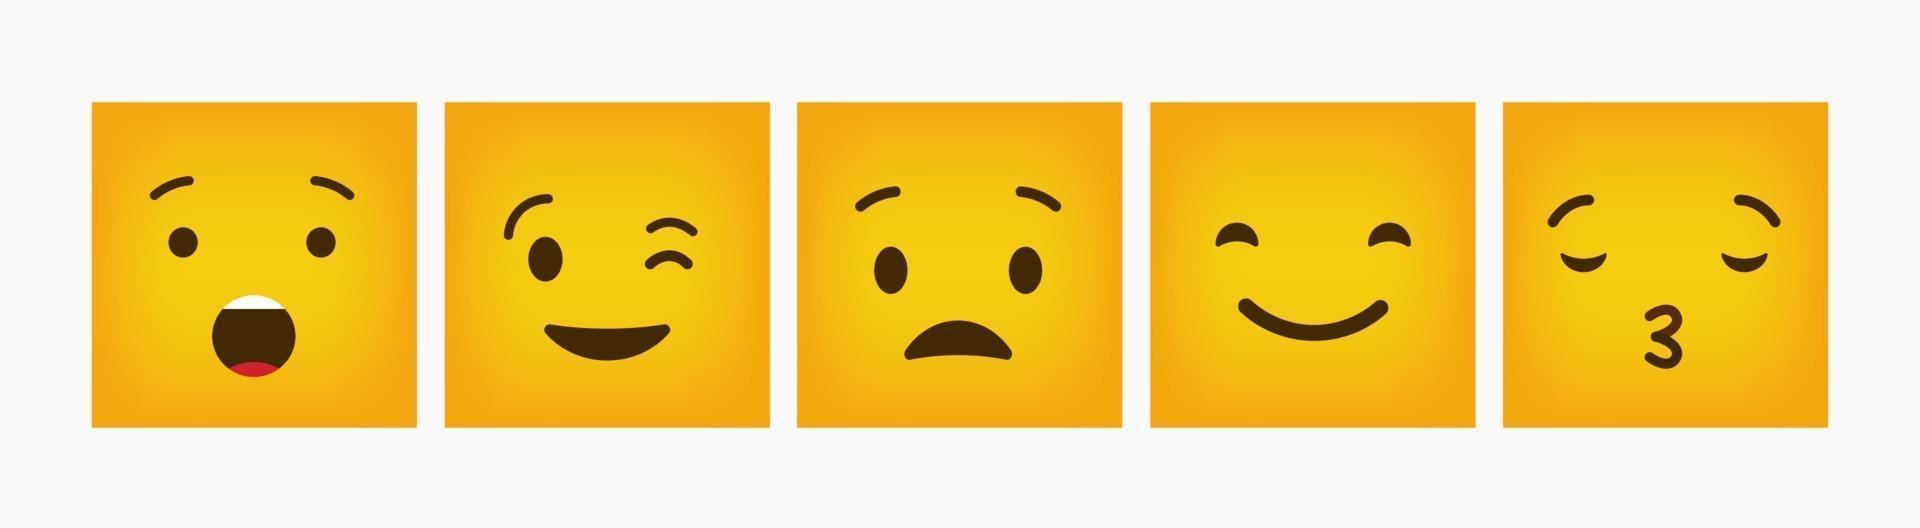 emoticon reazione design piatto quadrato set vettore